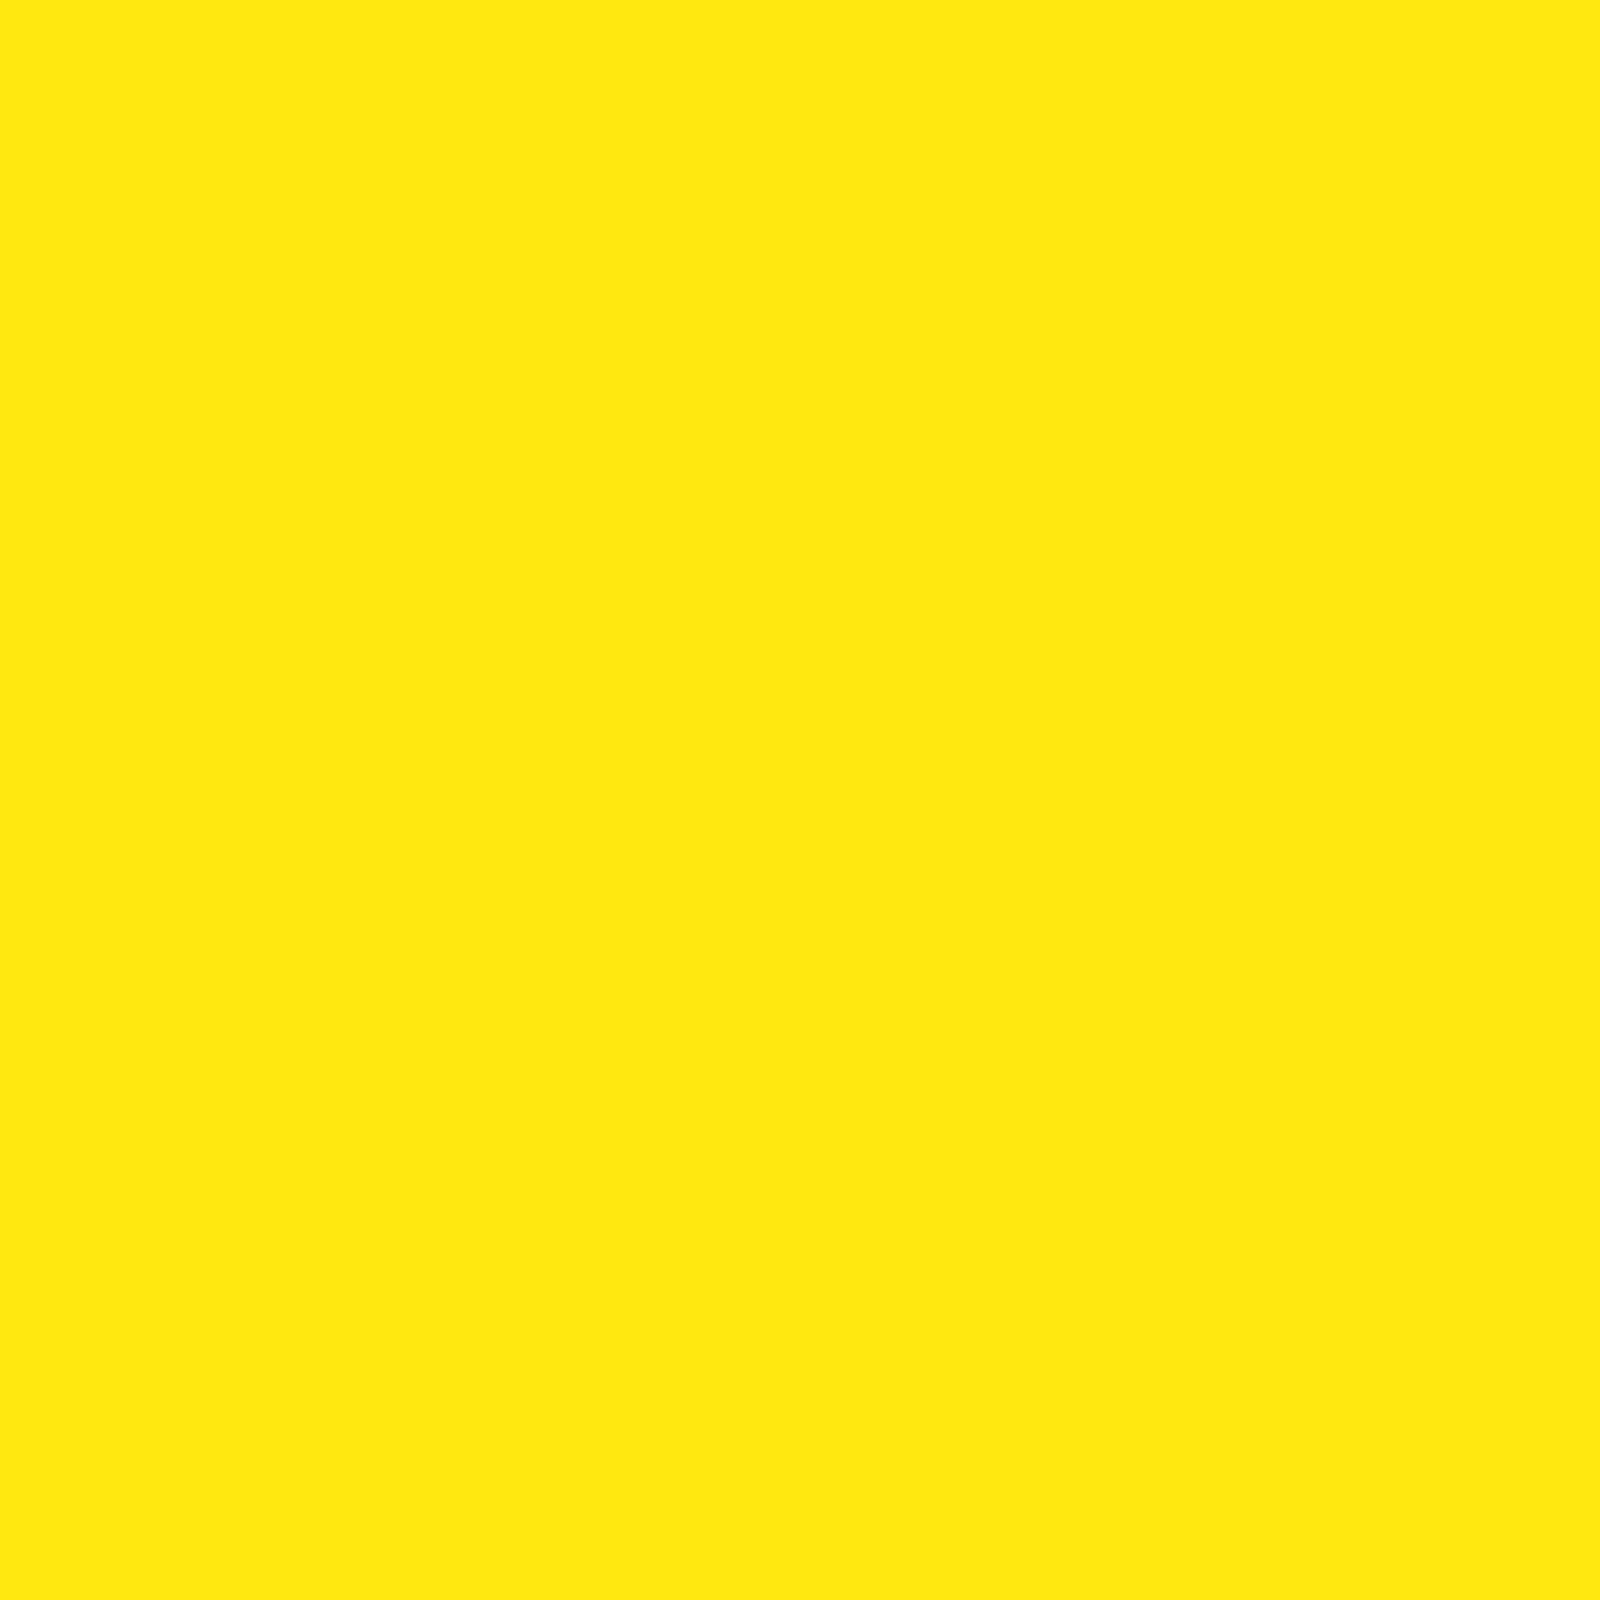 Servítky jednofarebné zn. Mank,crémové - žlté - Obrázok č. 4